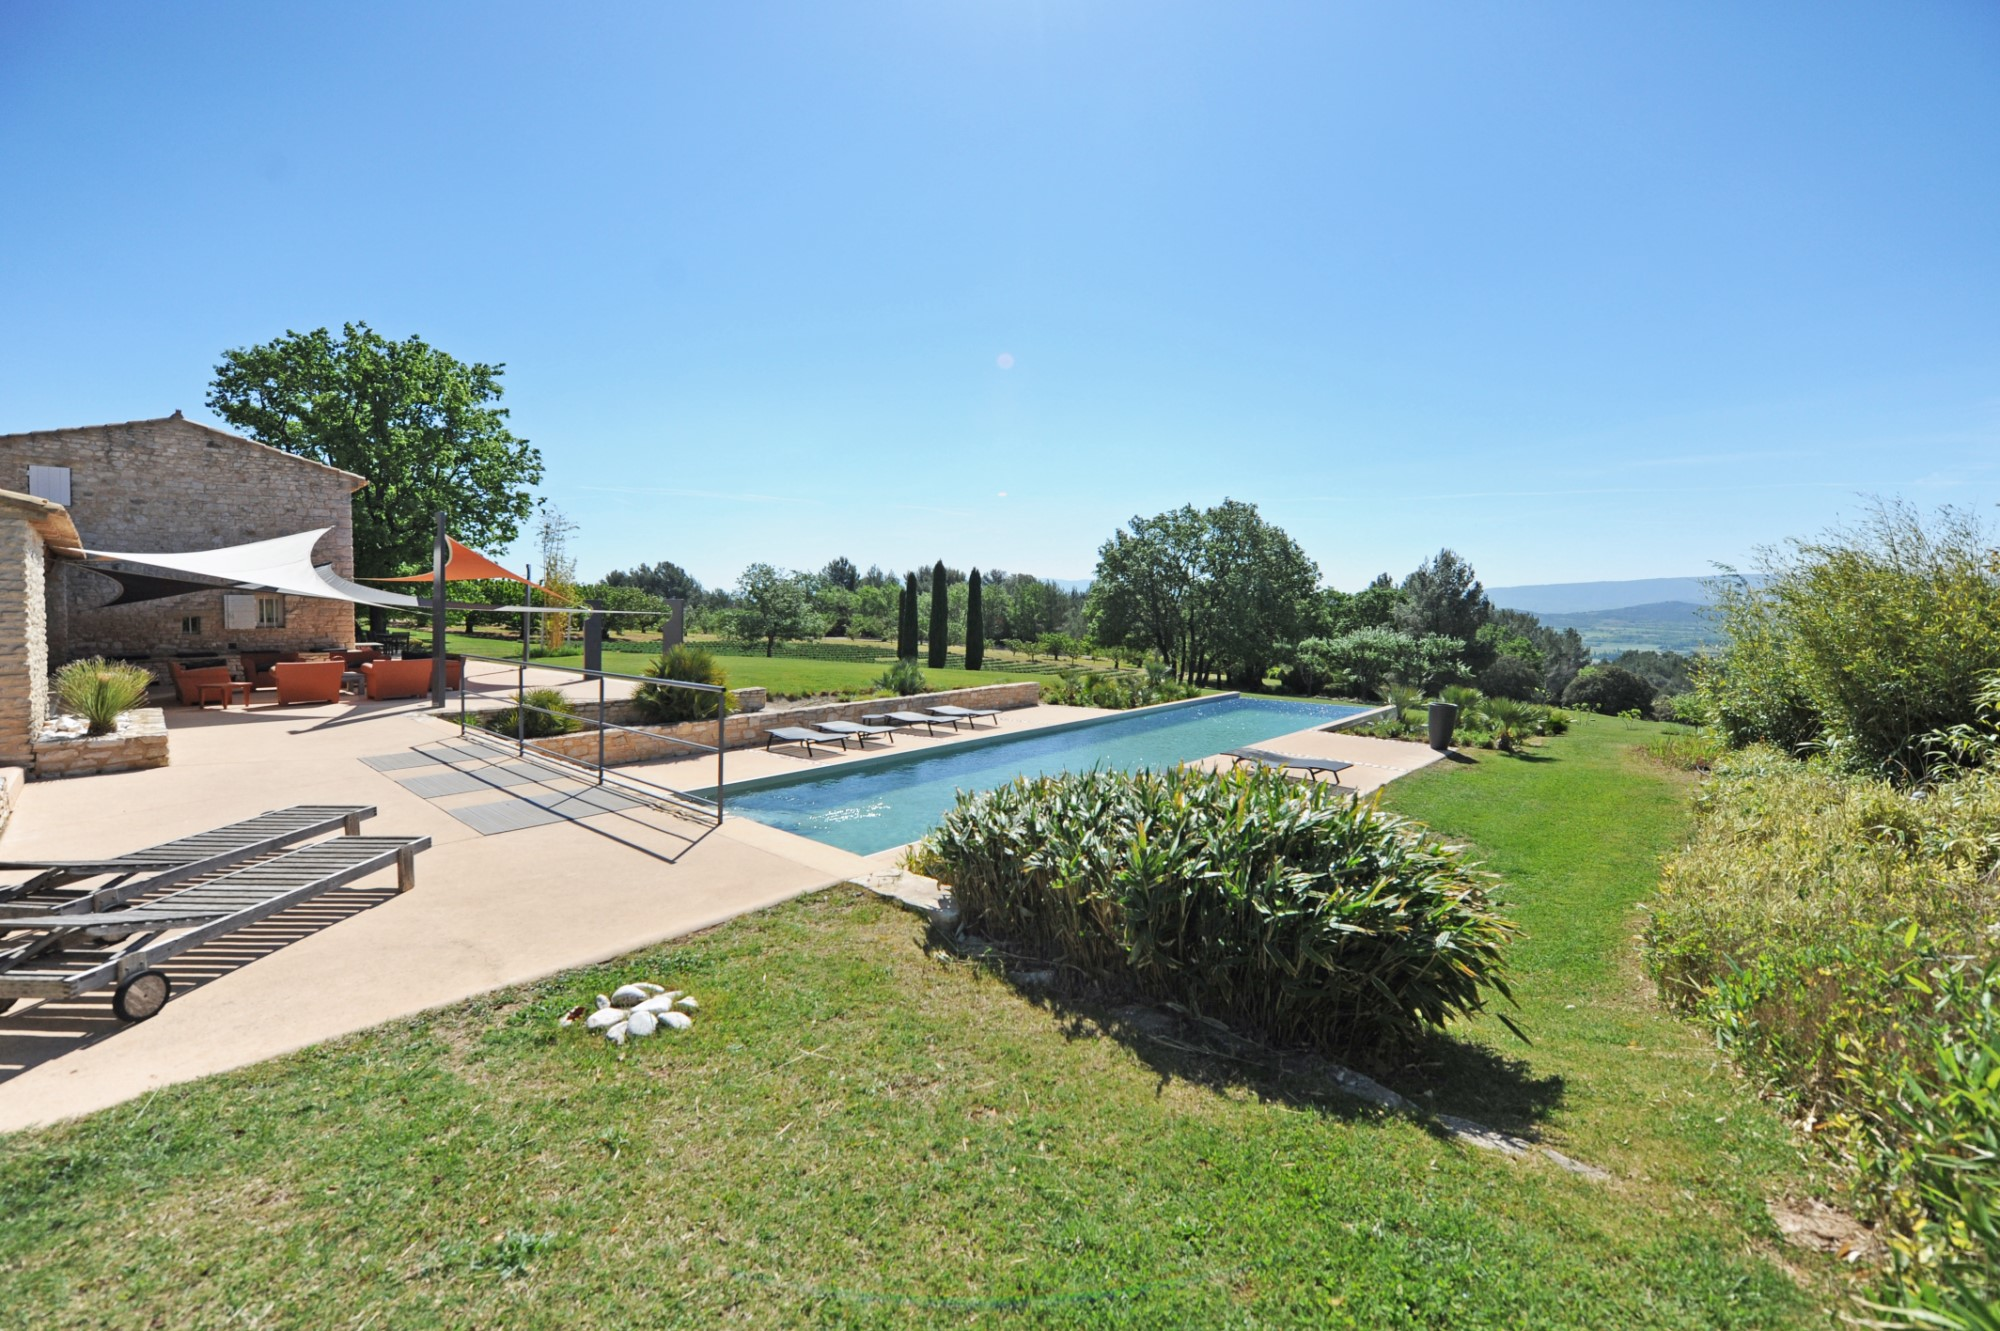 Belle maison d'agrément avec piscine et vue superbe